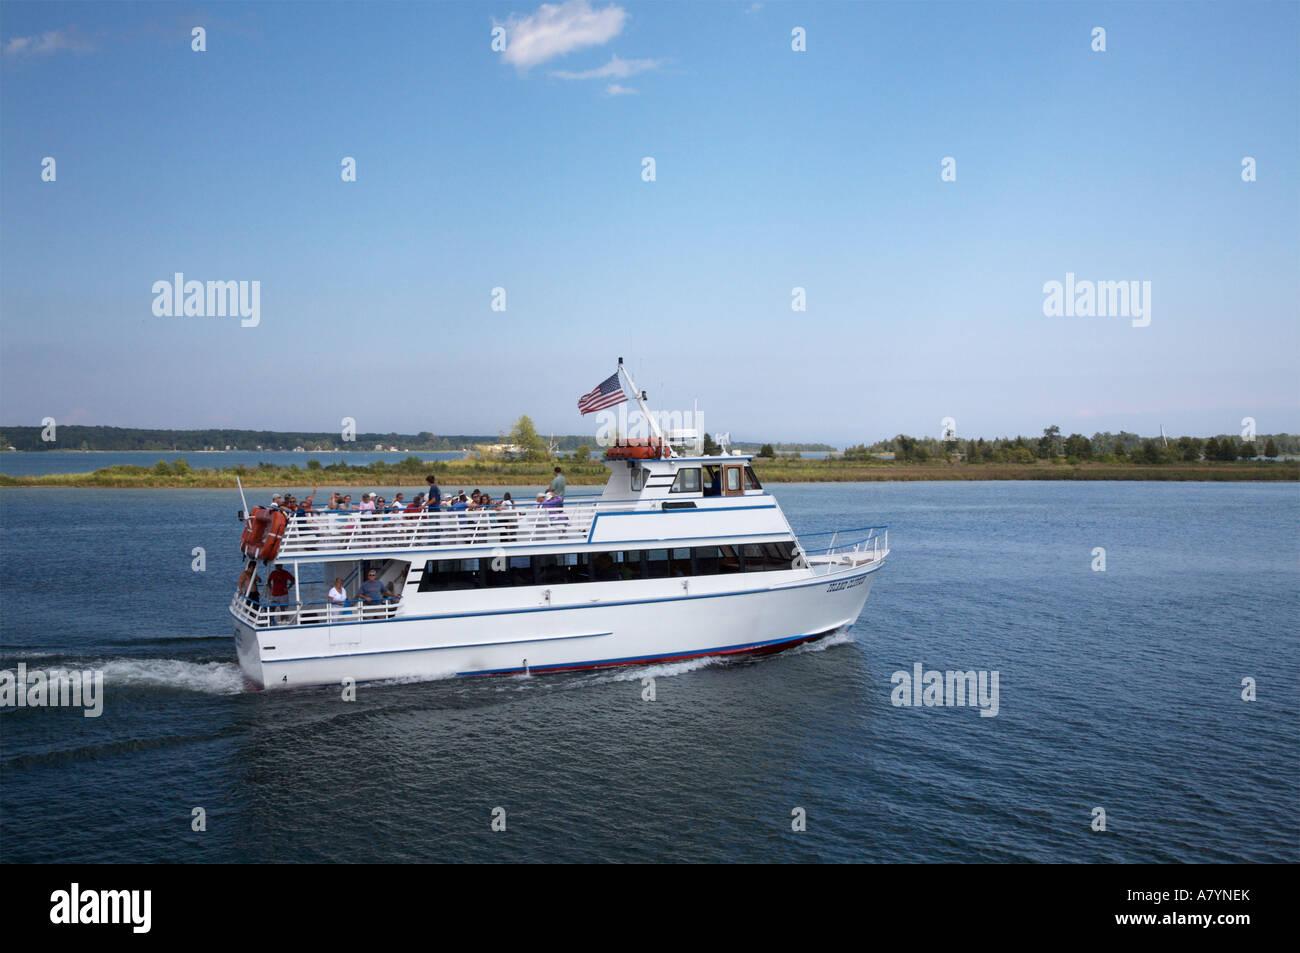 The Island Clipper, a passenger ferry running between the